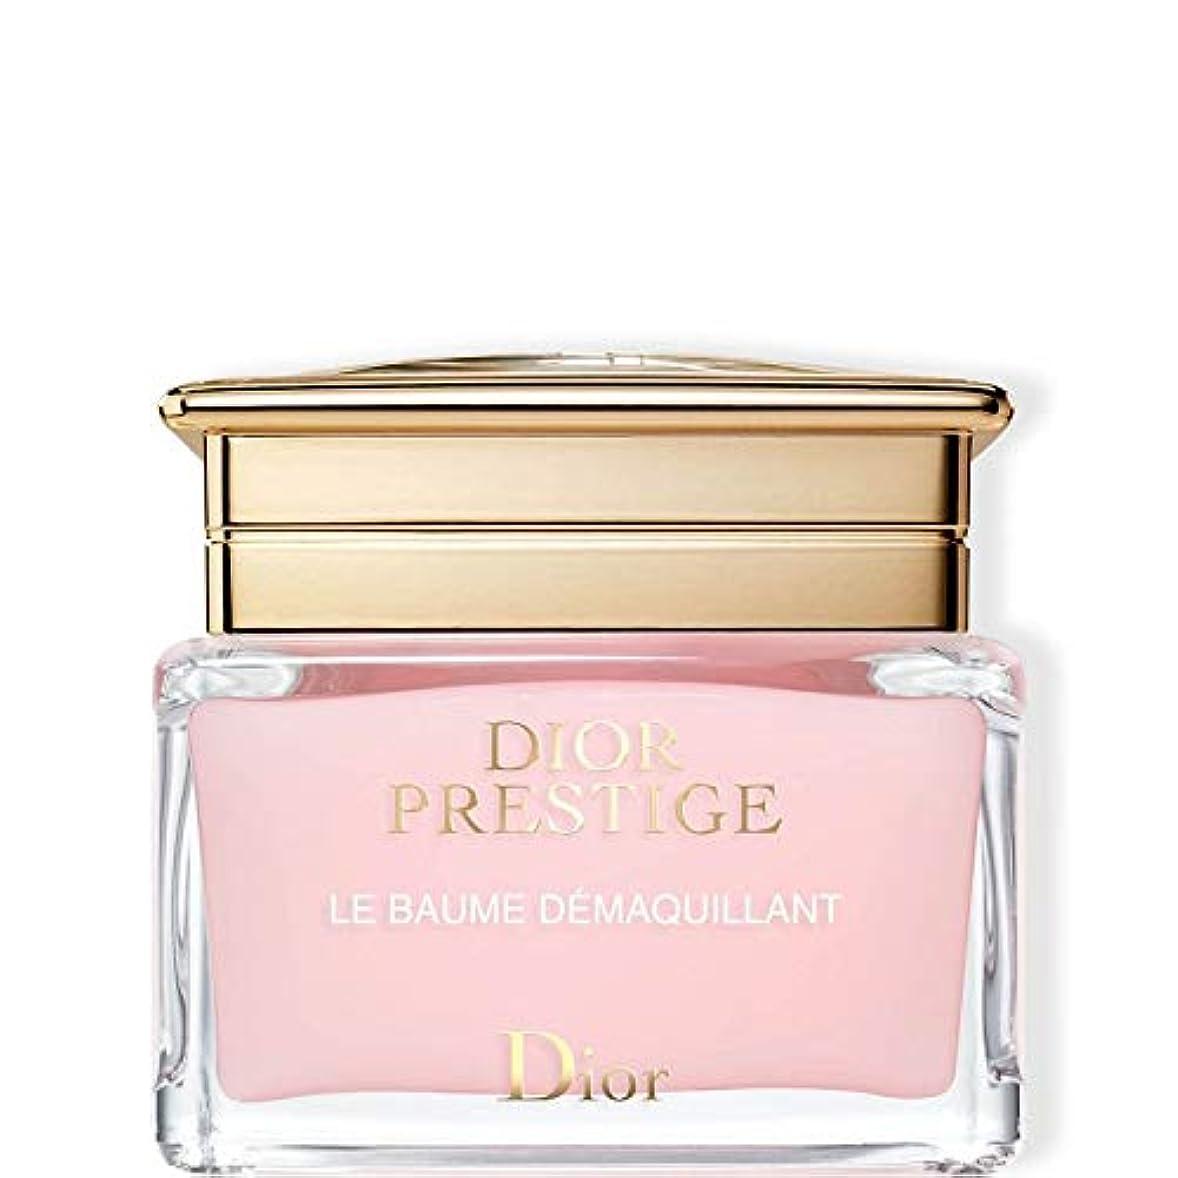 先に平等スイス人Dior(ディオール) プレステージ ル バーム デマキャント 150mL